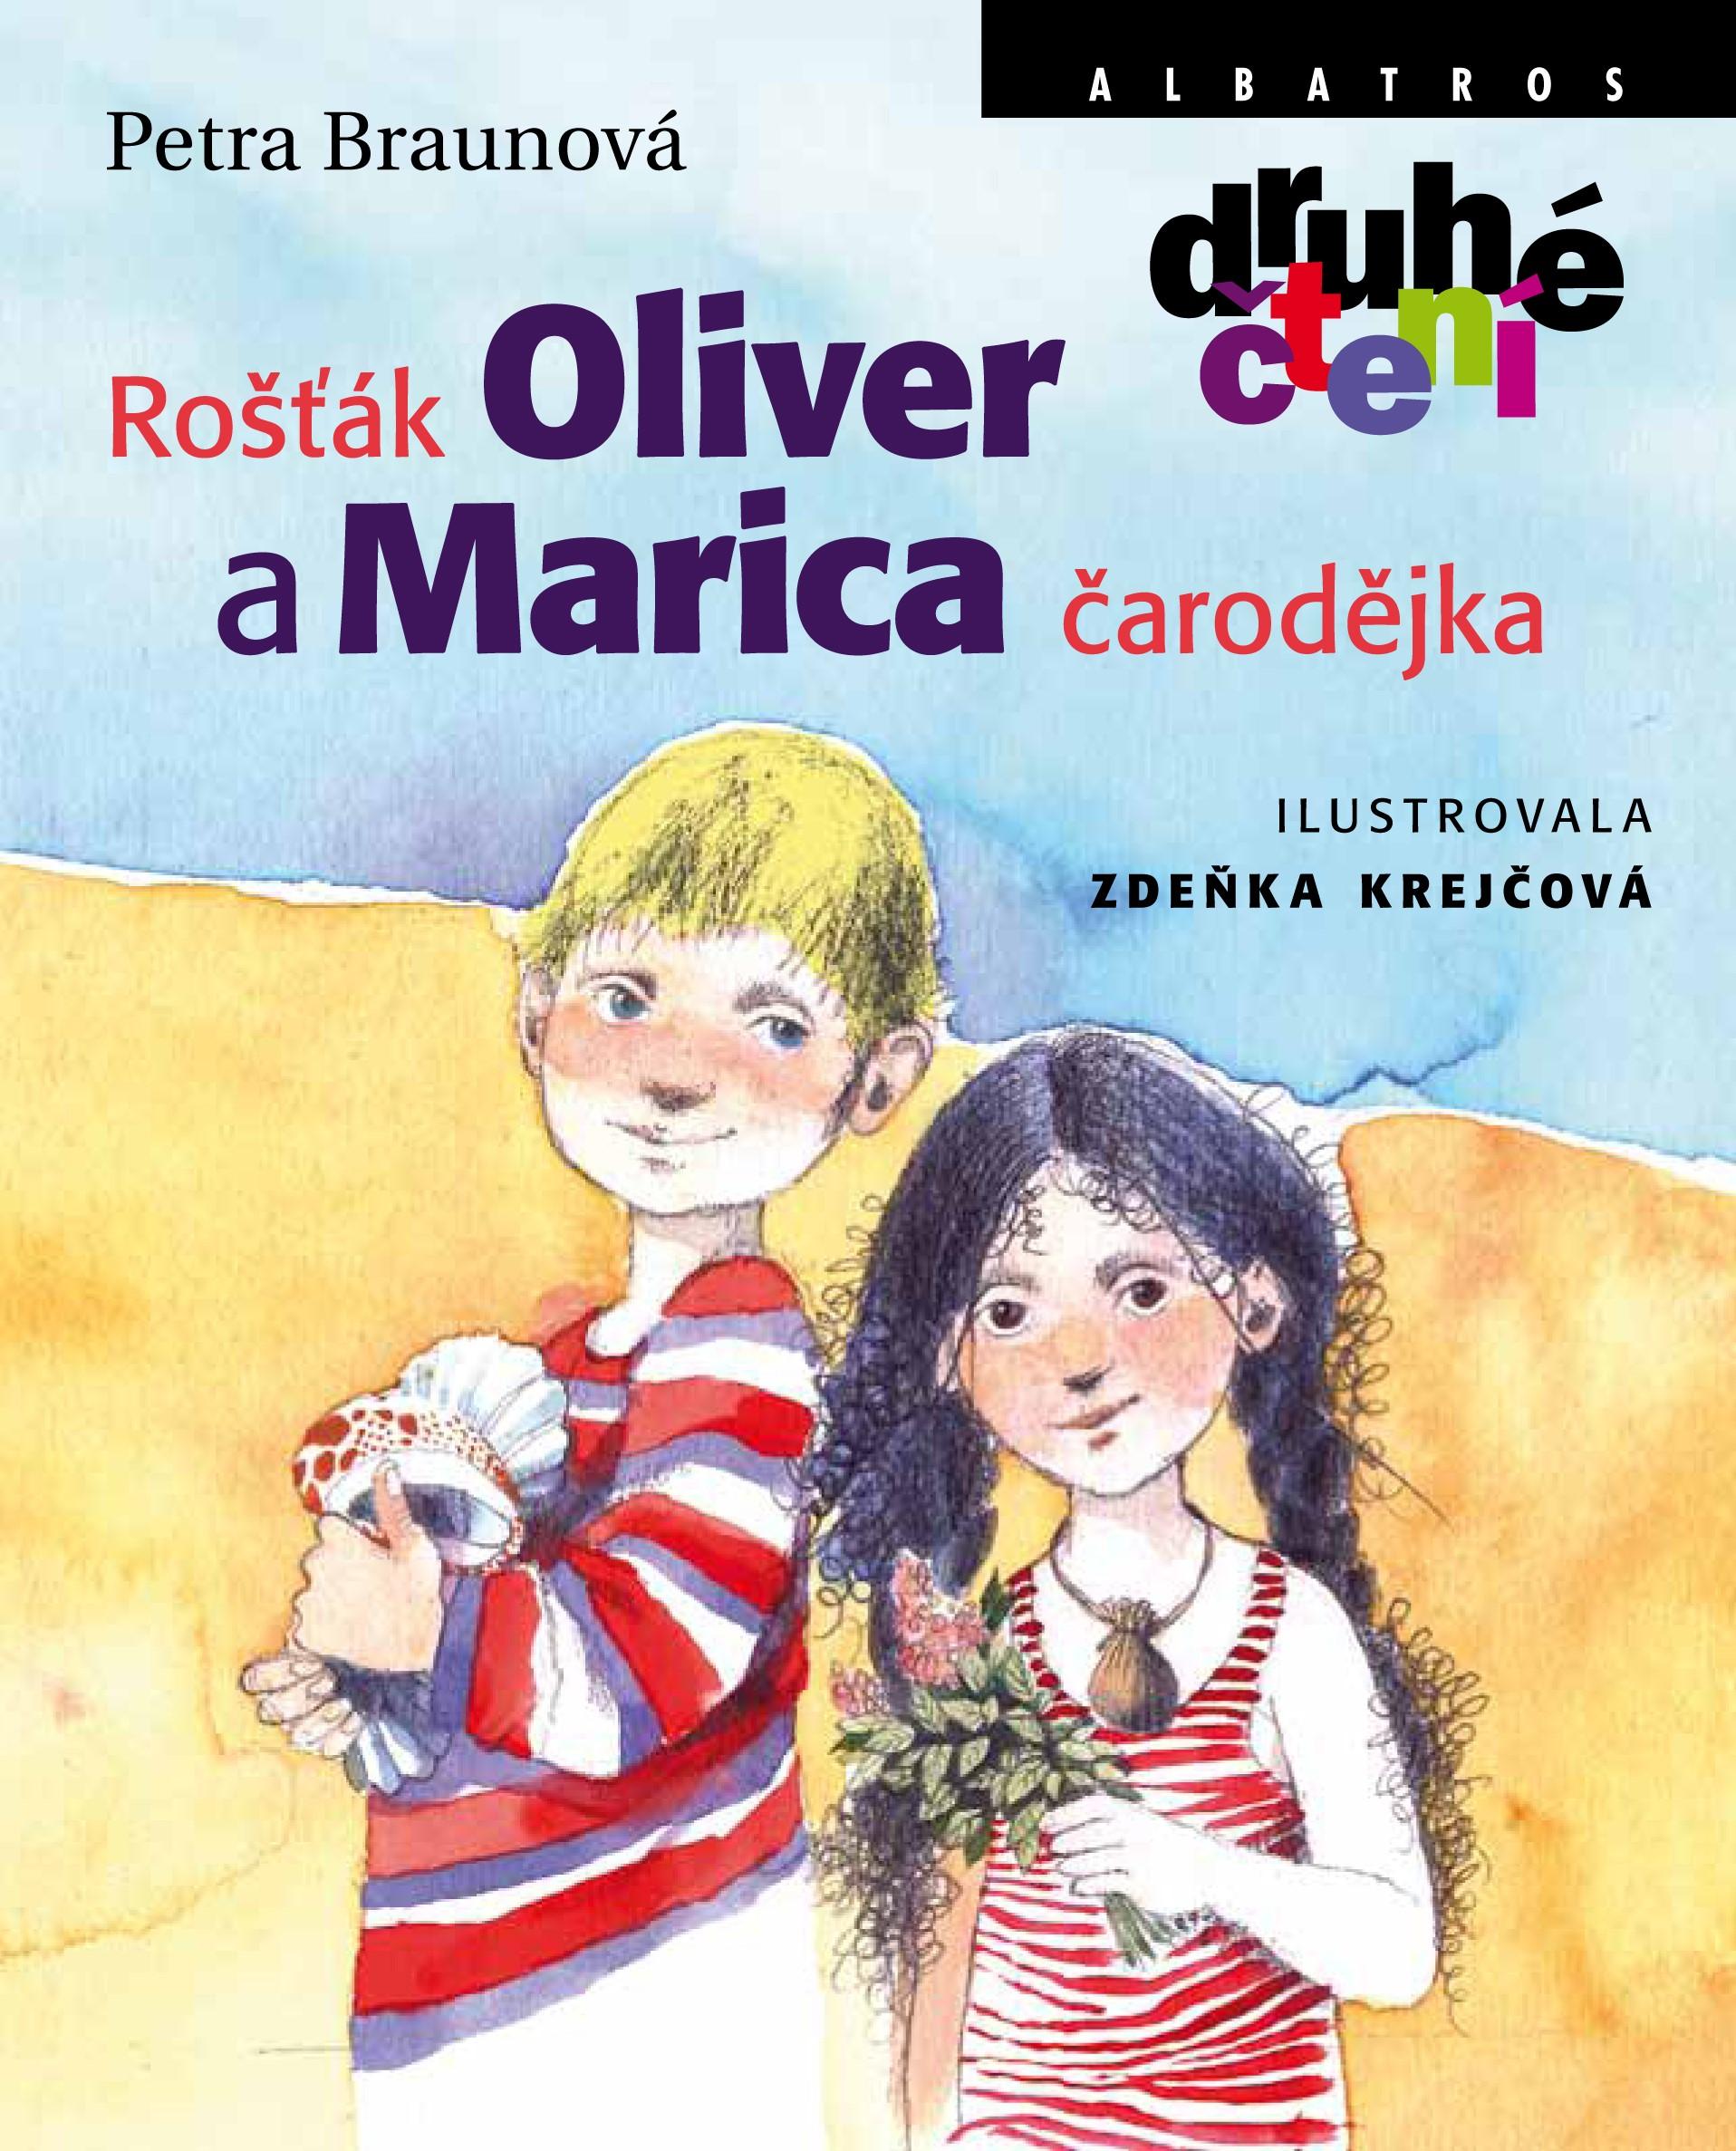 Rošťák Oliver a Marica čarodějka | Zdeňka Krejčová, Petra Braunová